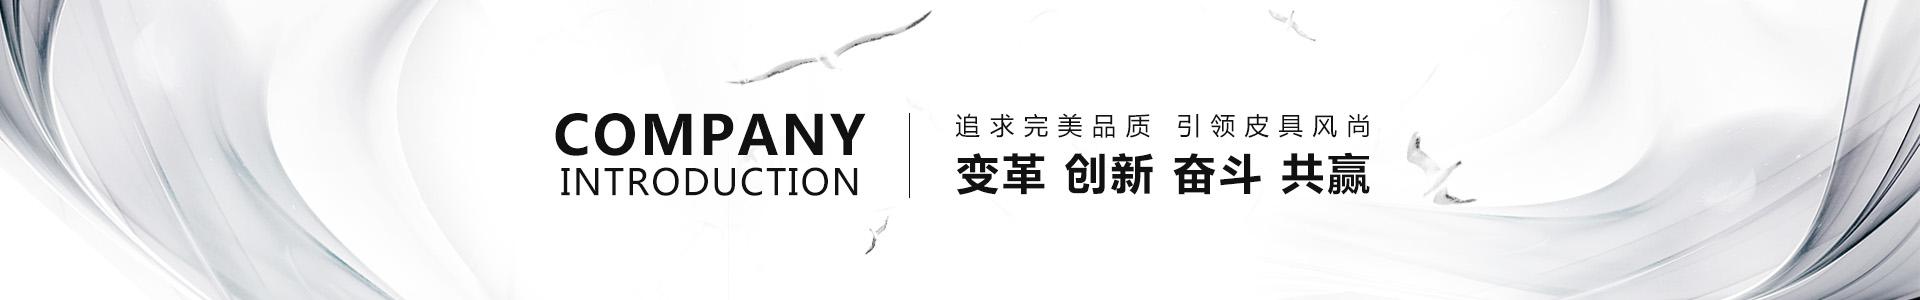 粤鑫服饰有限公司简介-真皮手套生产厂家